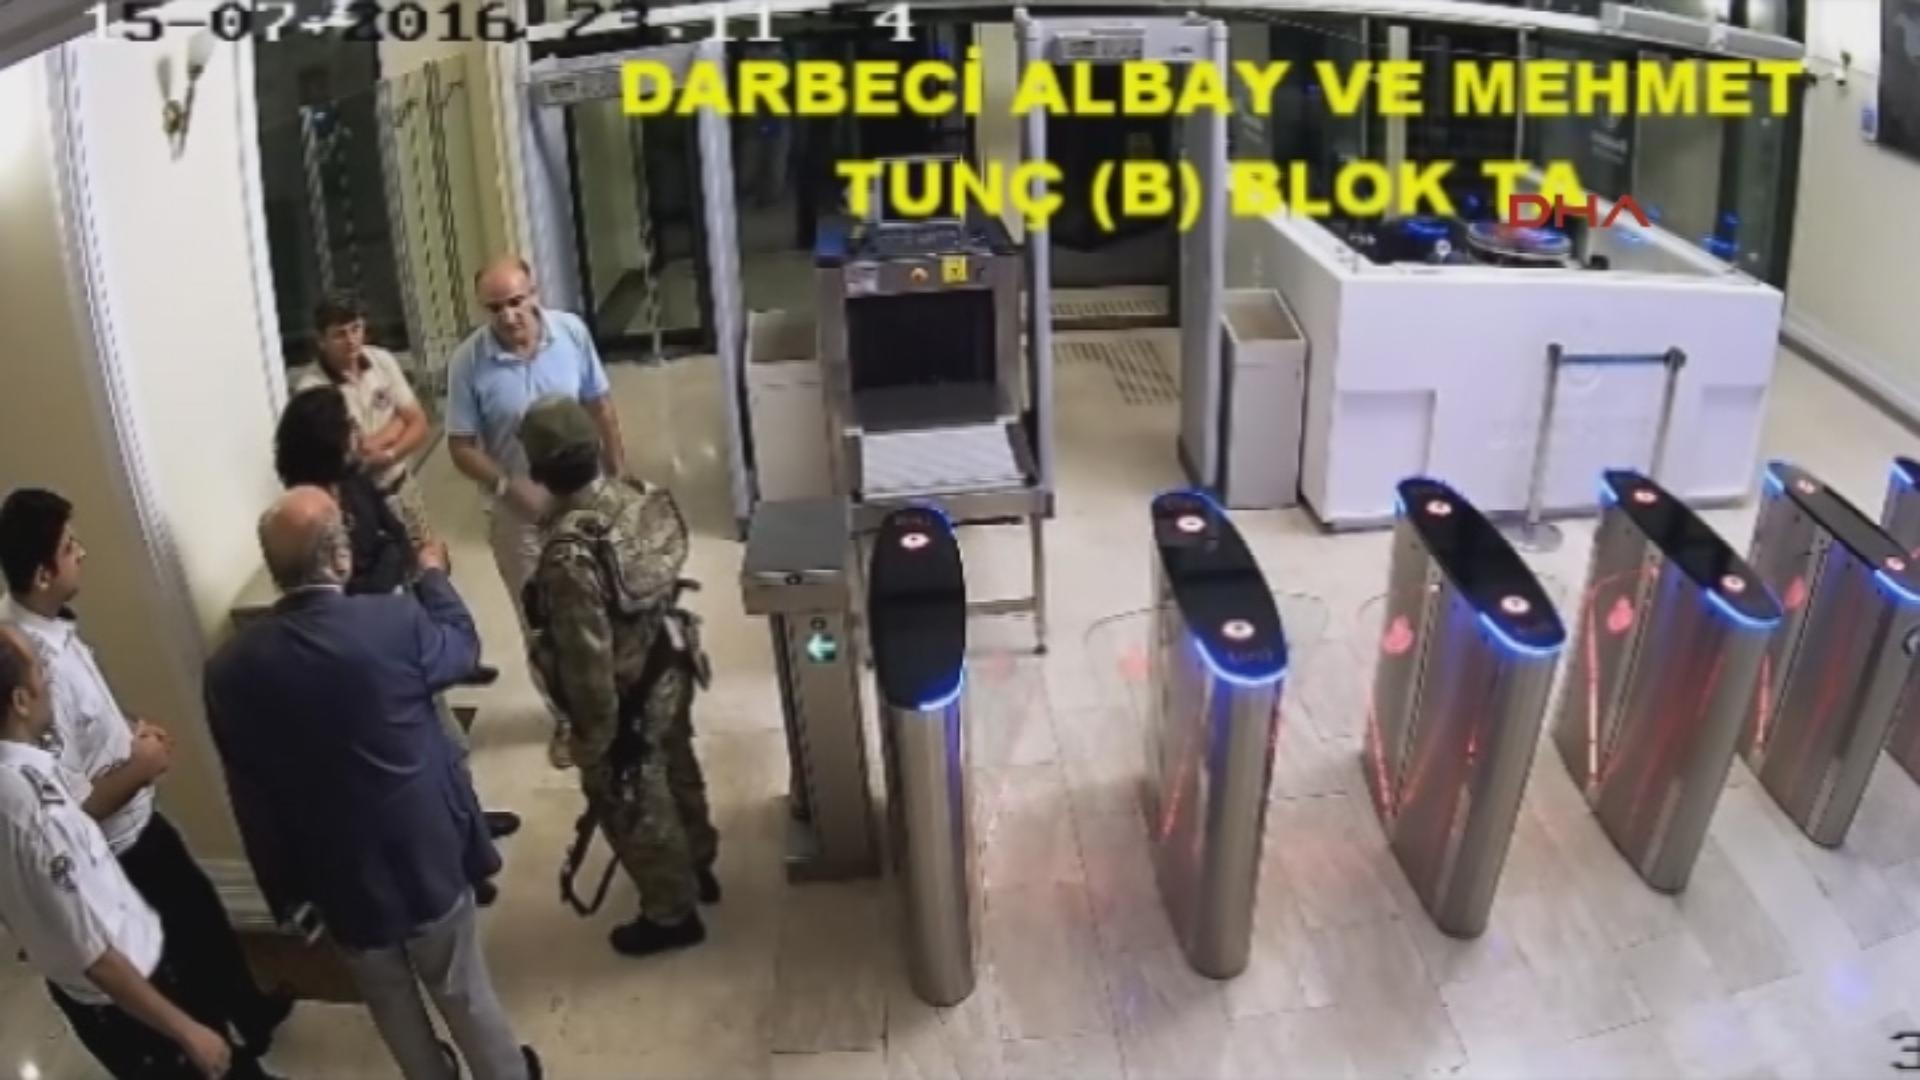 İBB Sivil Savunma Sekreteri Mehmet Tunç Darbeci askerleri kapıda karşıladı.